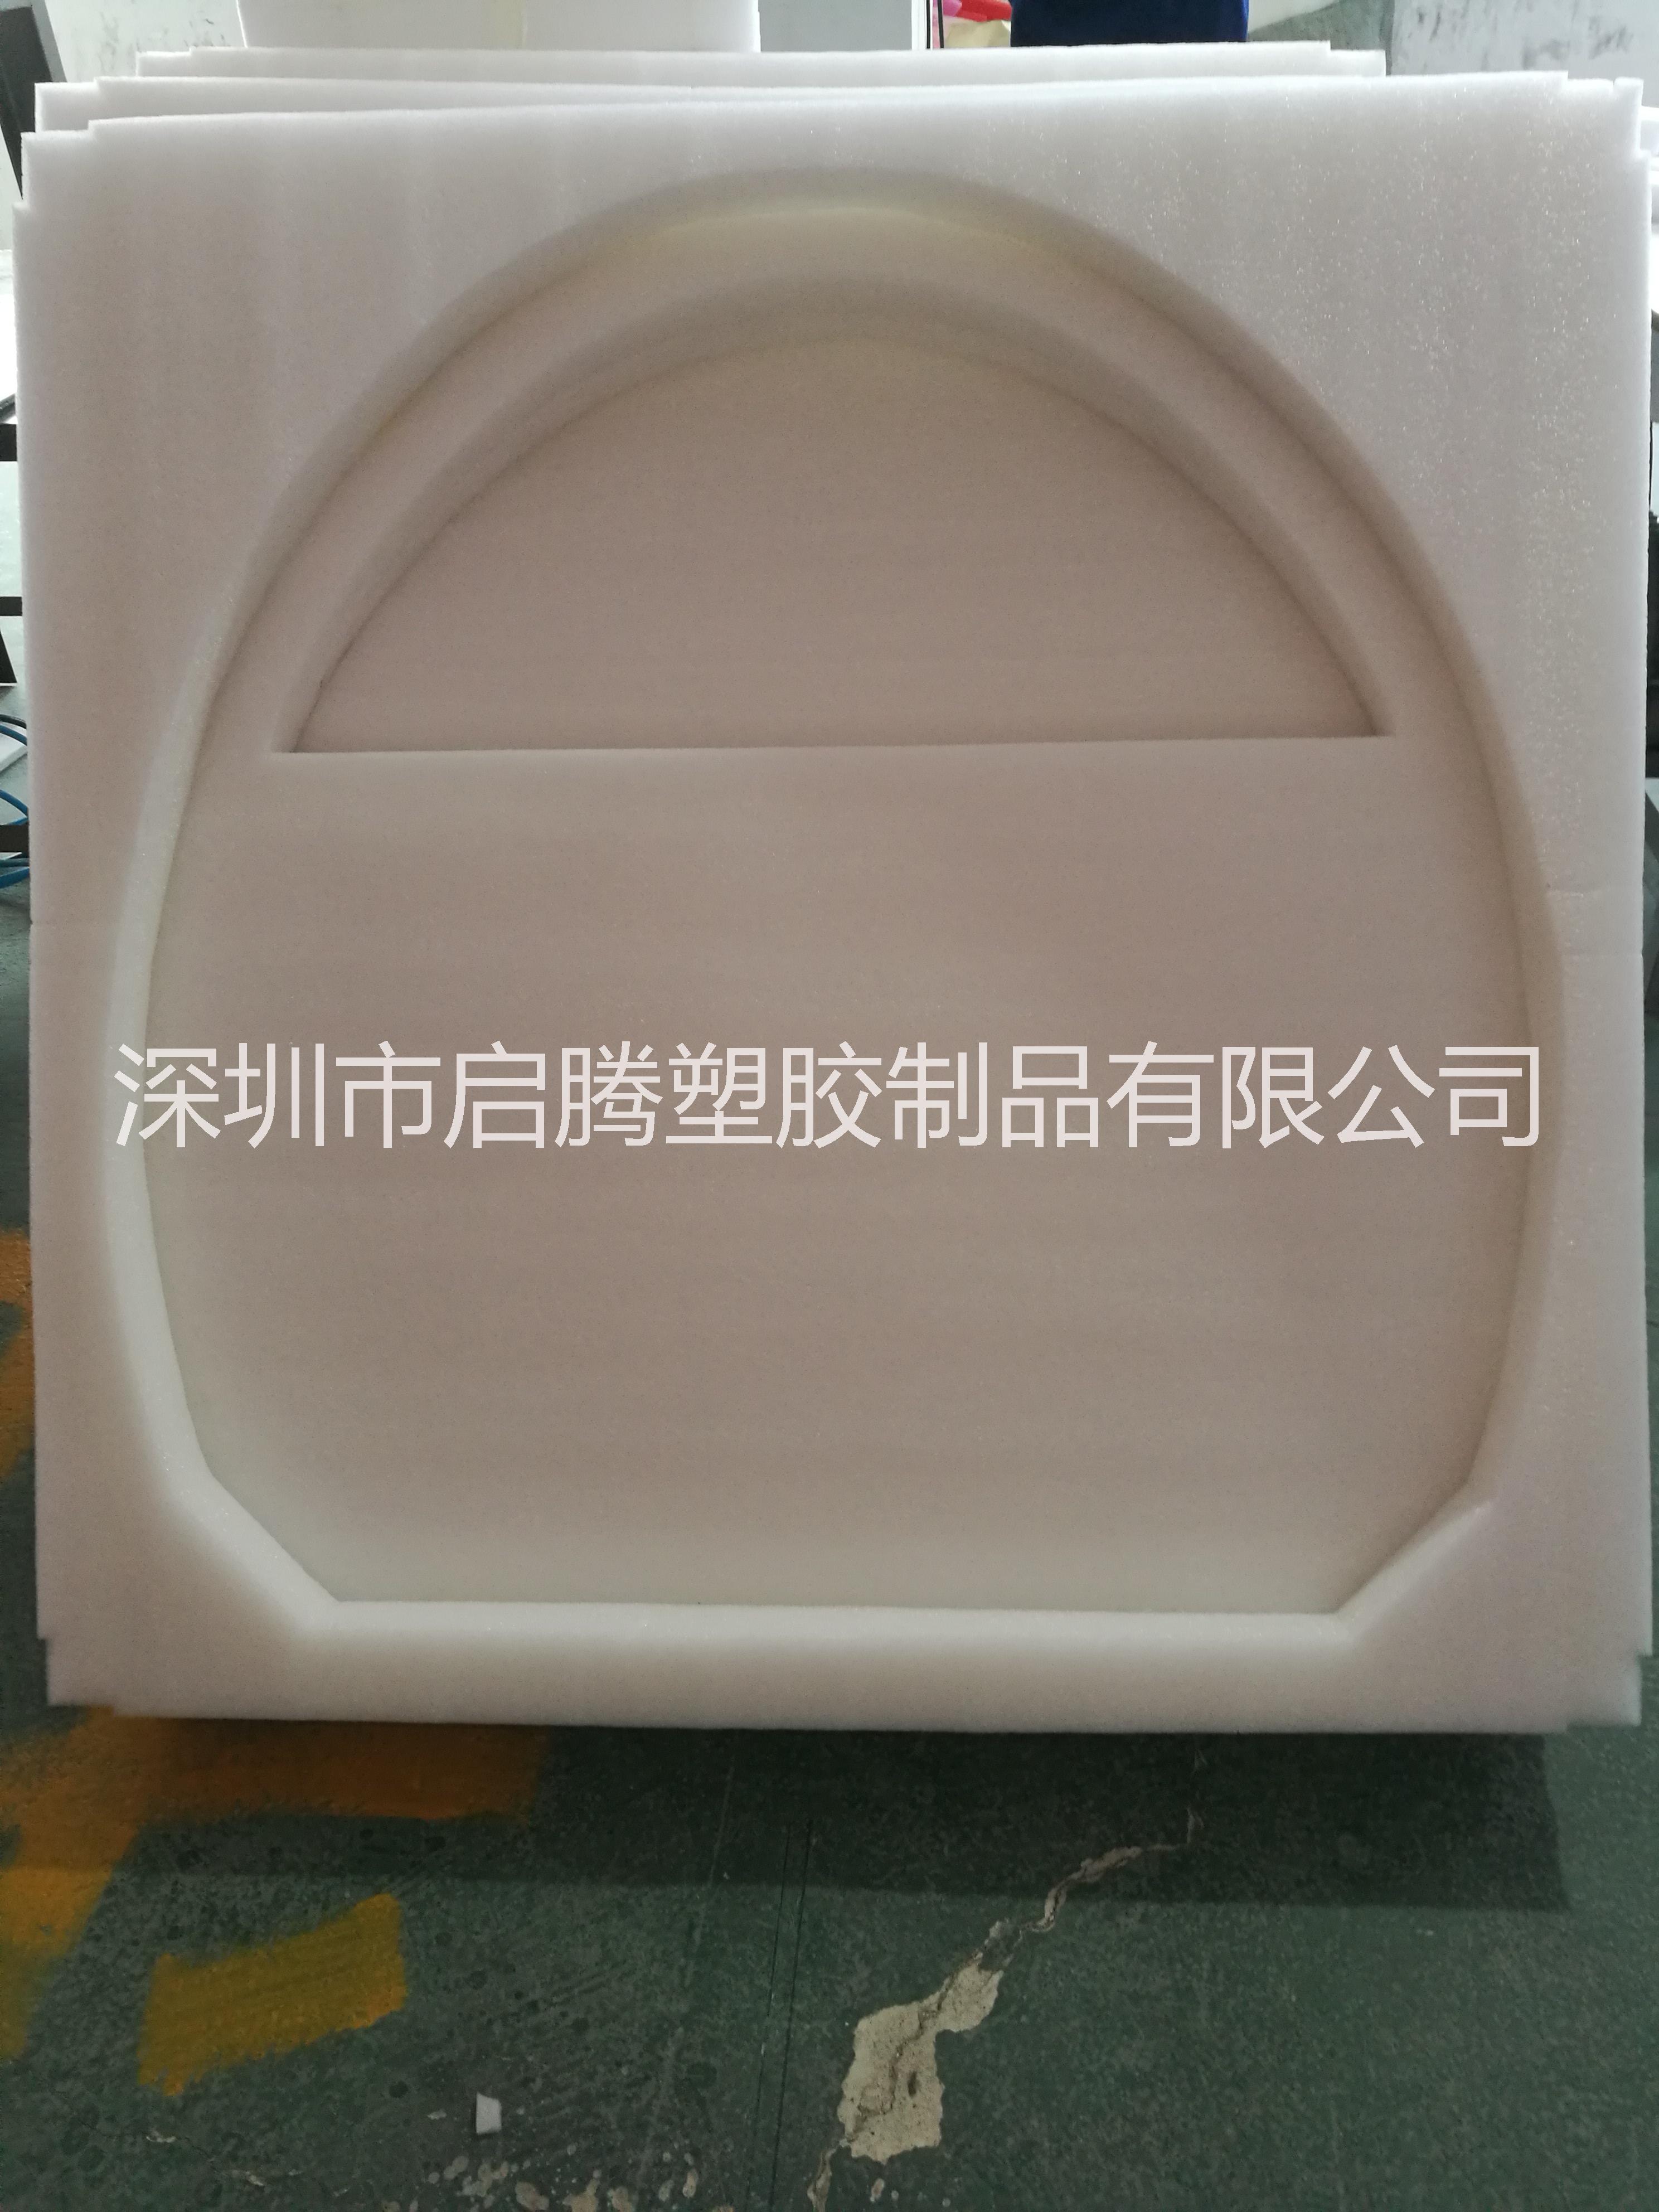 EPE珍珠棉 泡沫棉 珍珠棉型材 珍珠棉厂家 深圳珍珠棉